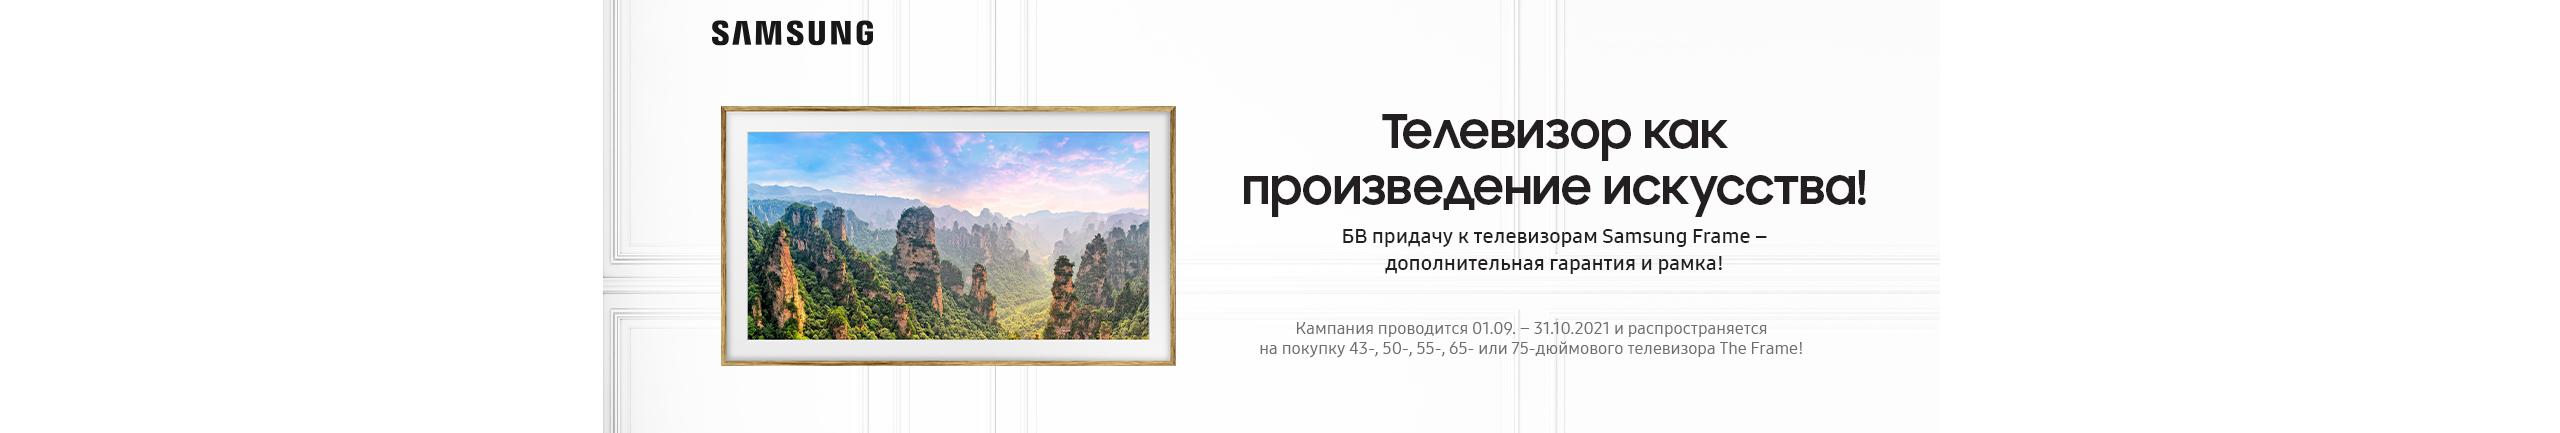 K телевизорaм Samsung Frame в придачу дополнительная гарантия